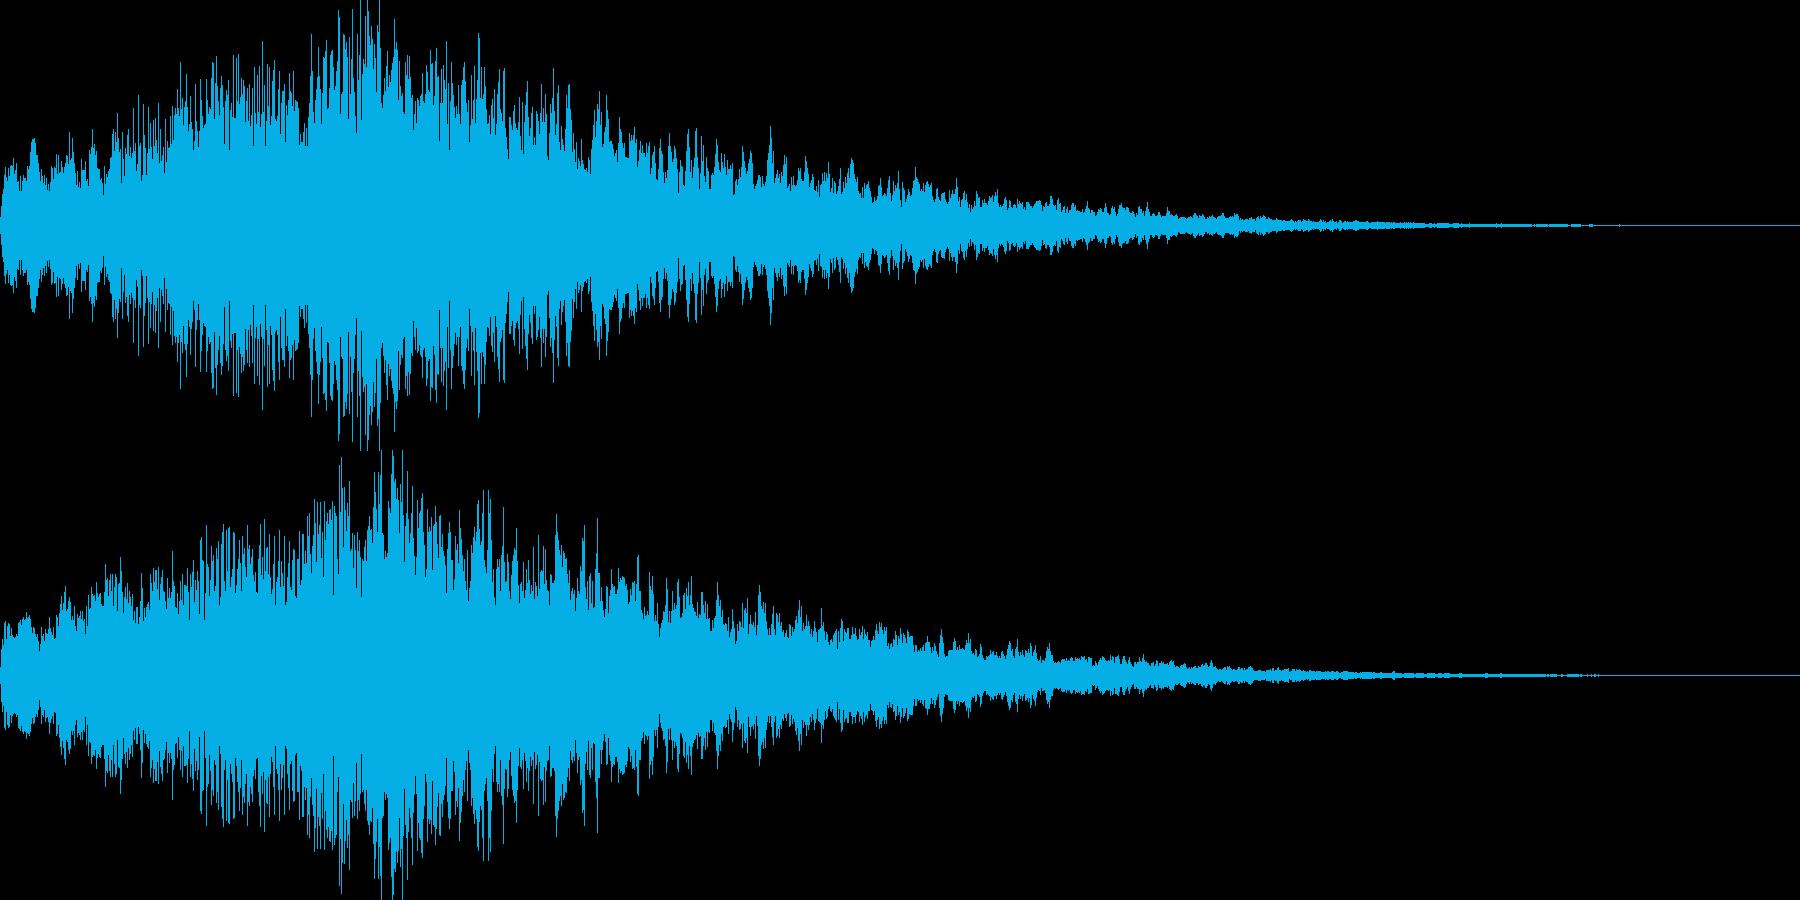 アイキャッチ用ジングル・チャイムの再生済みの波形